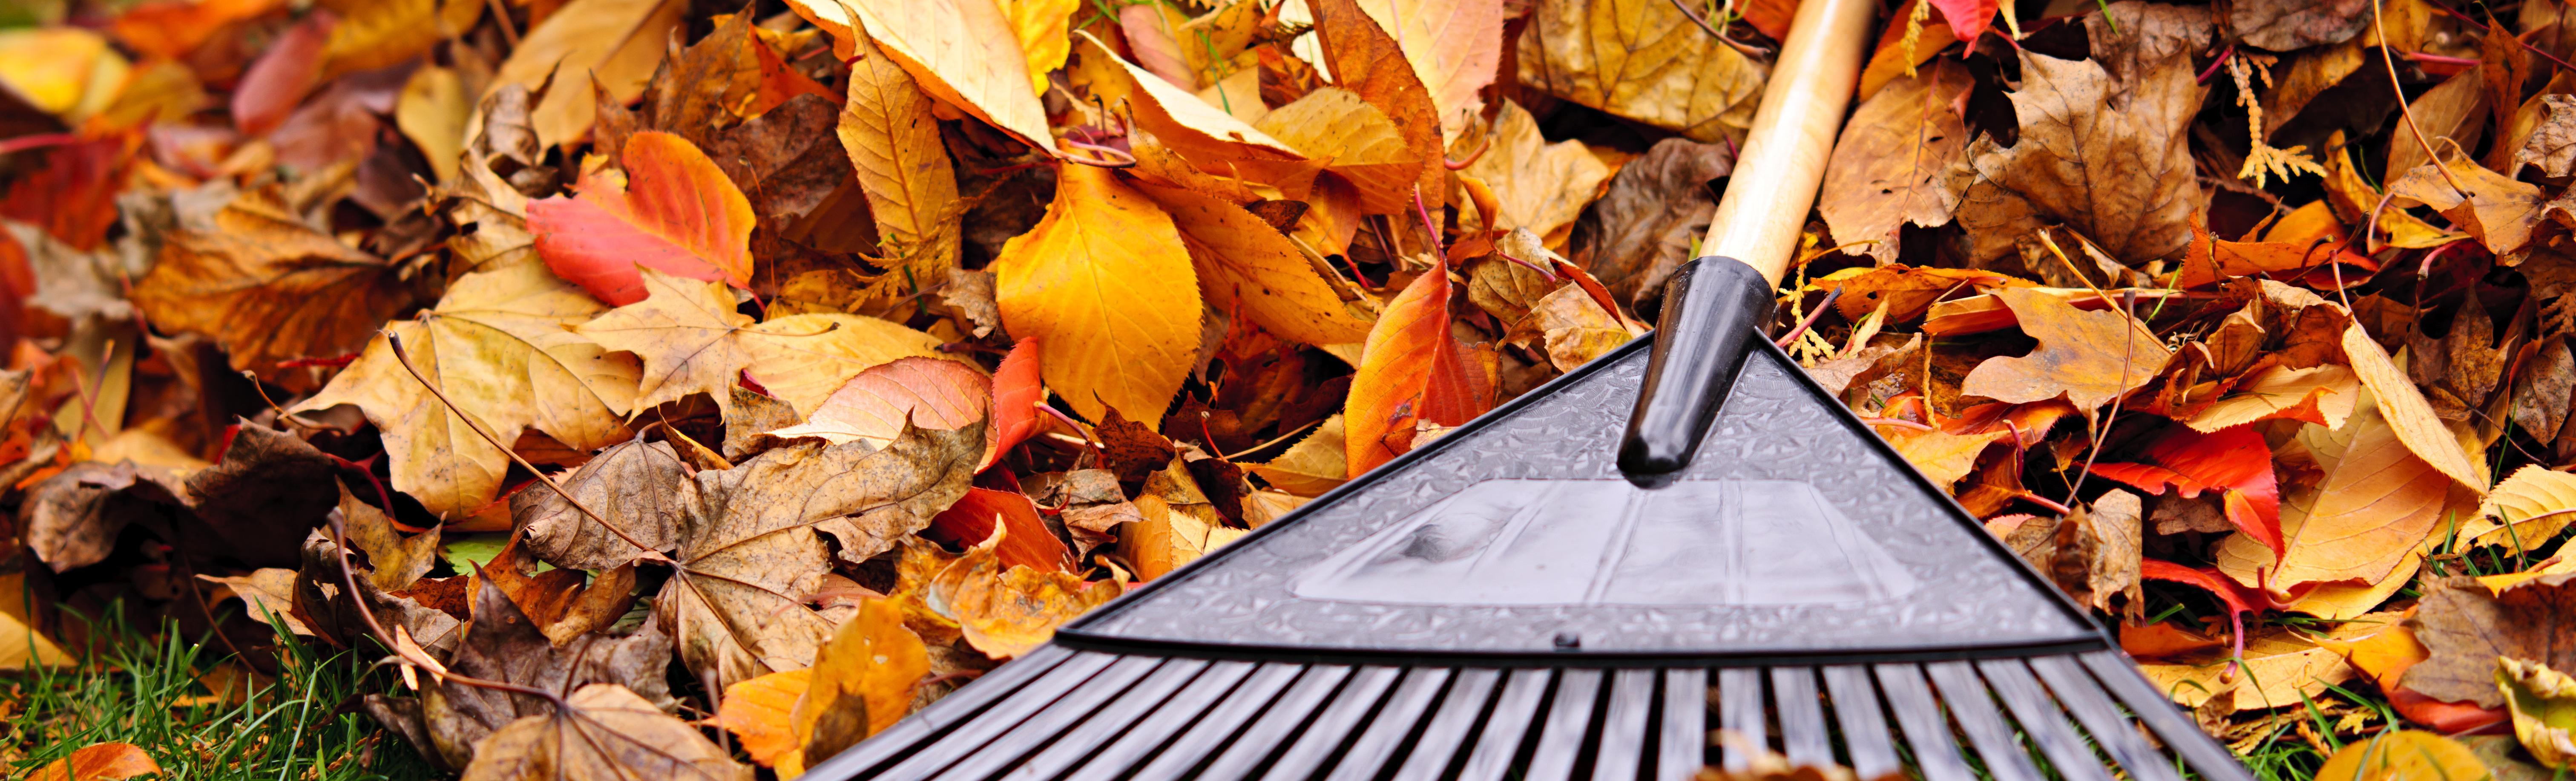 Tuinieren in de herfst - Shutterstock